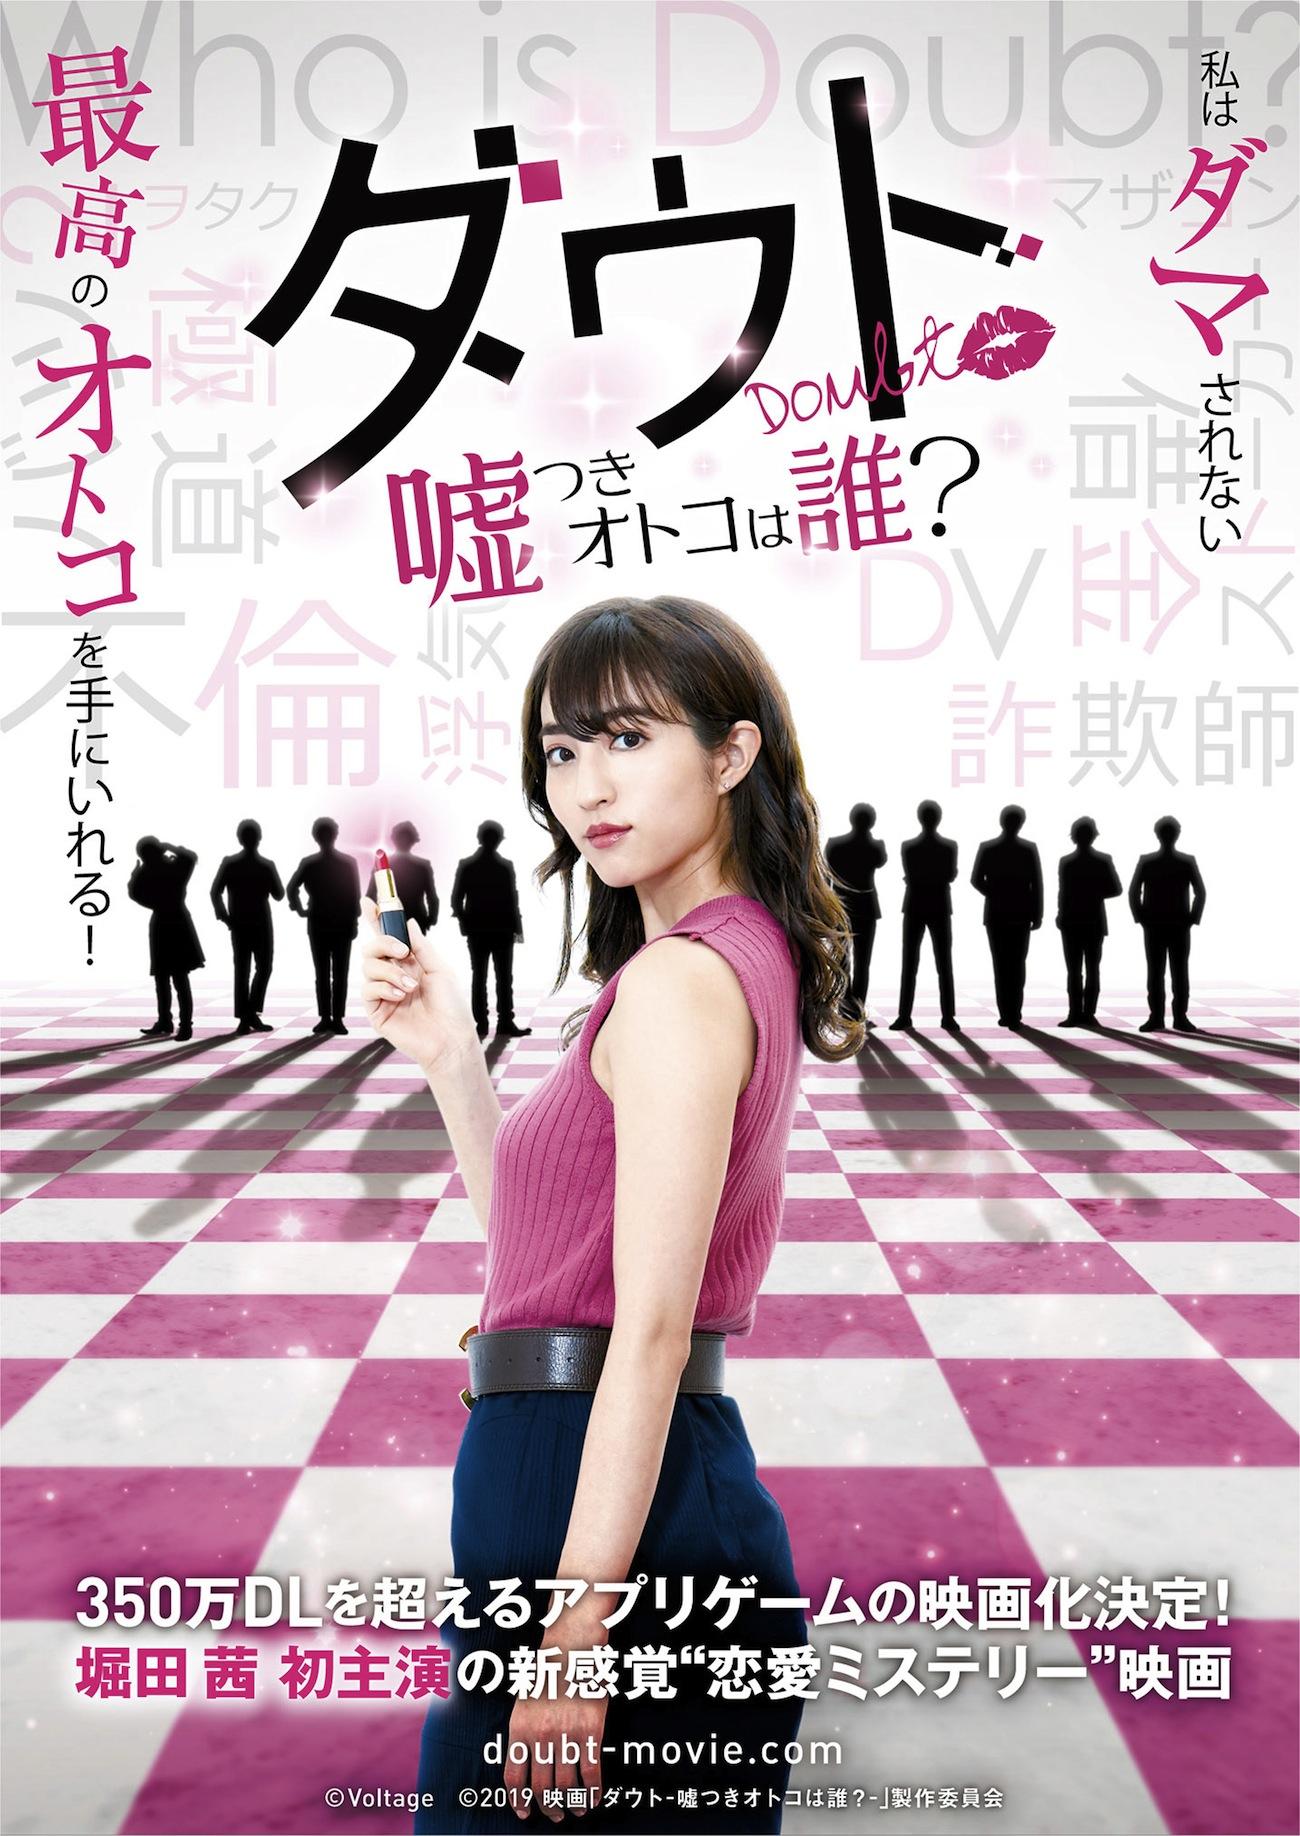 堀田 茜(ほった あかね)初主演・ 映画『ダウト-嘘つきオトコは誰?-』ティーザービジュアル